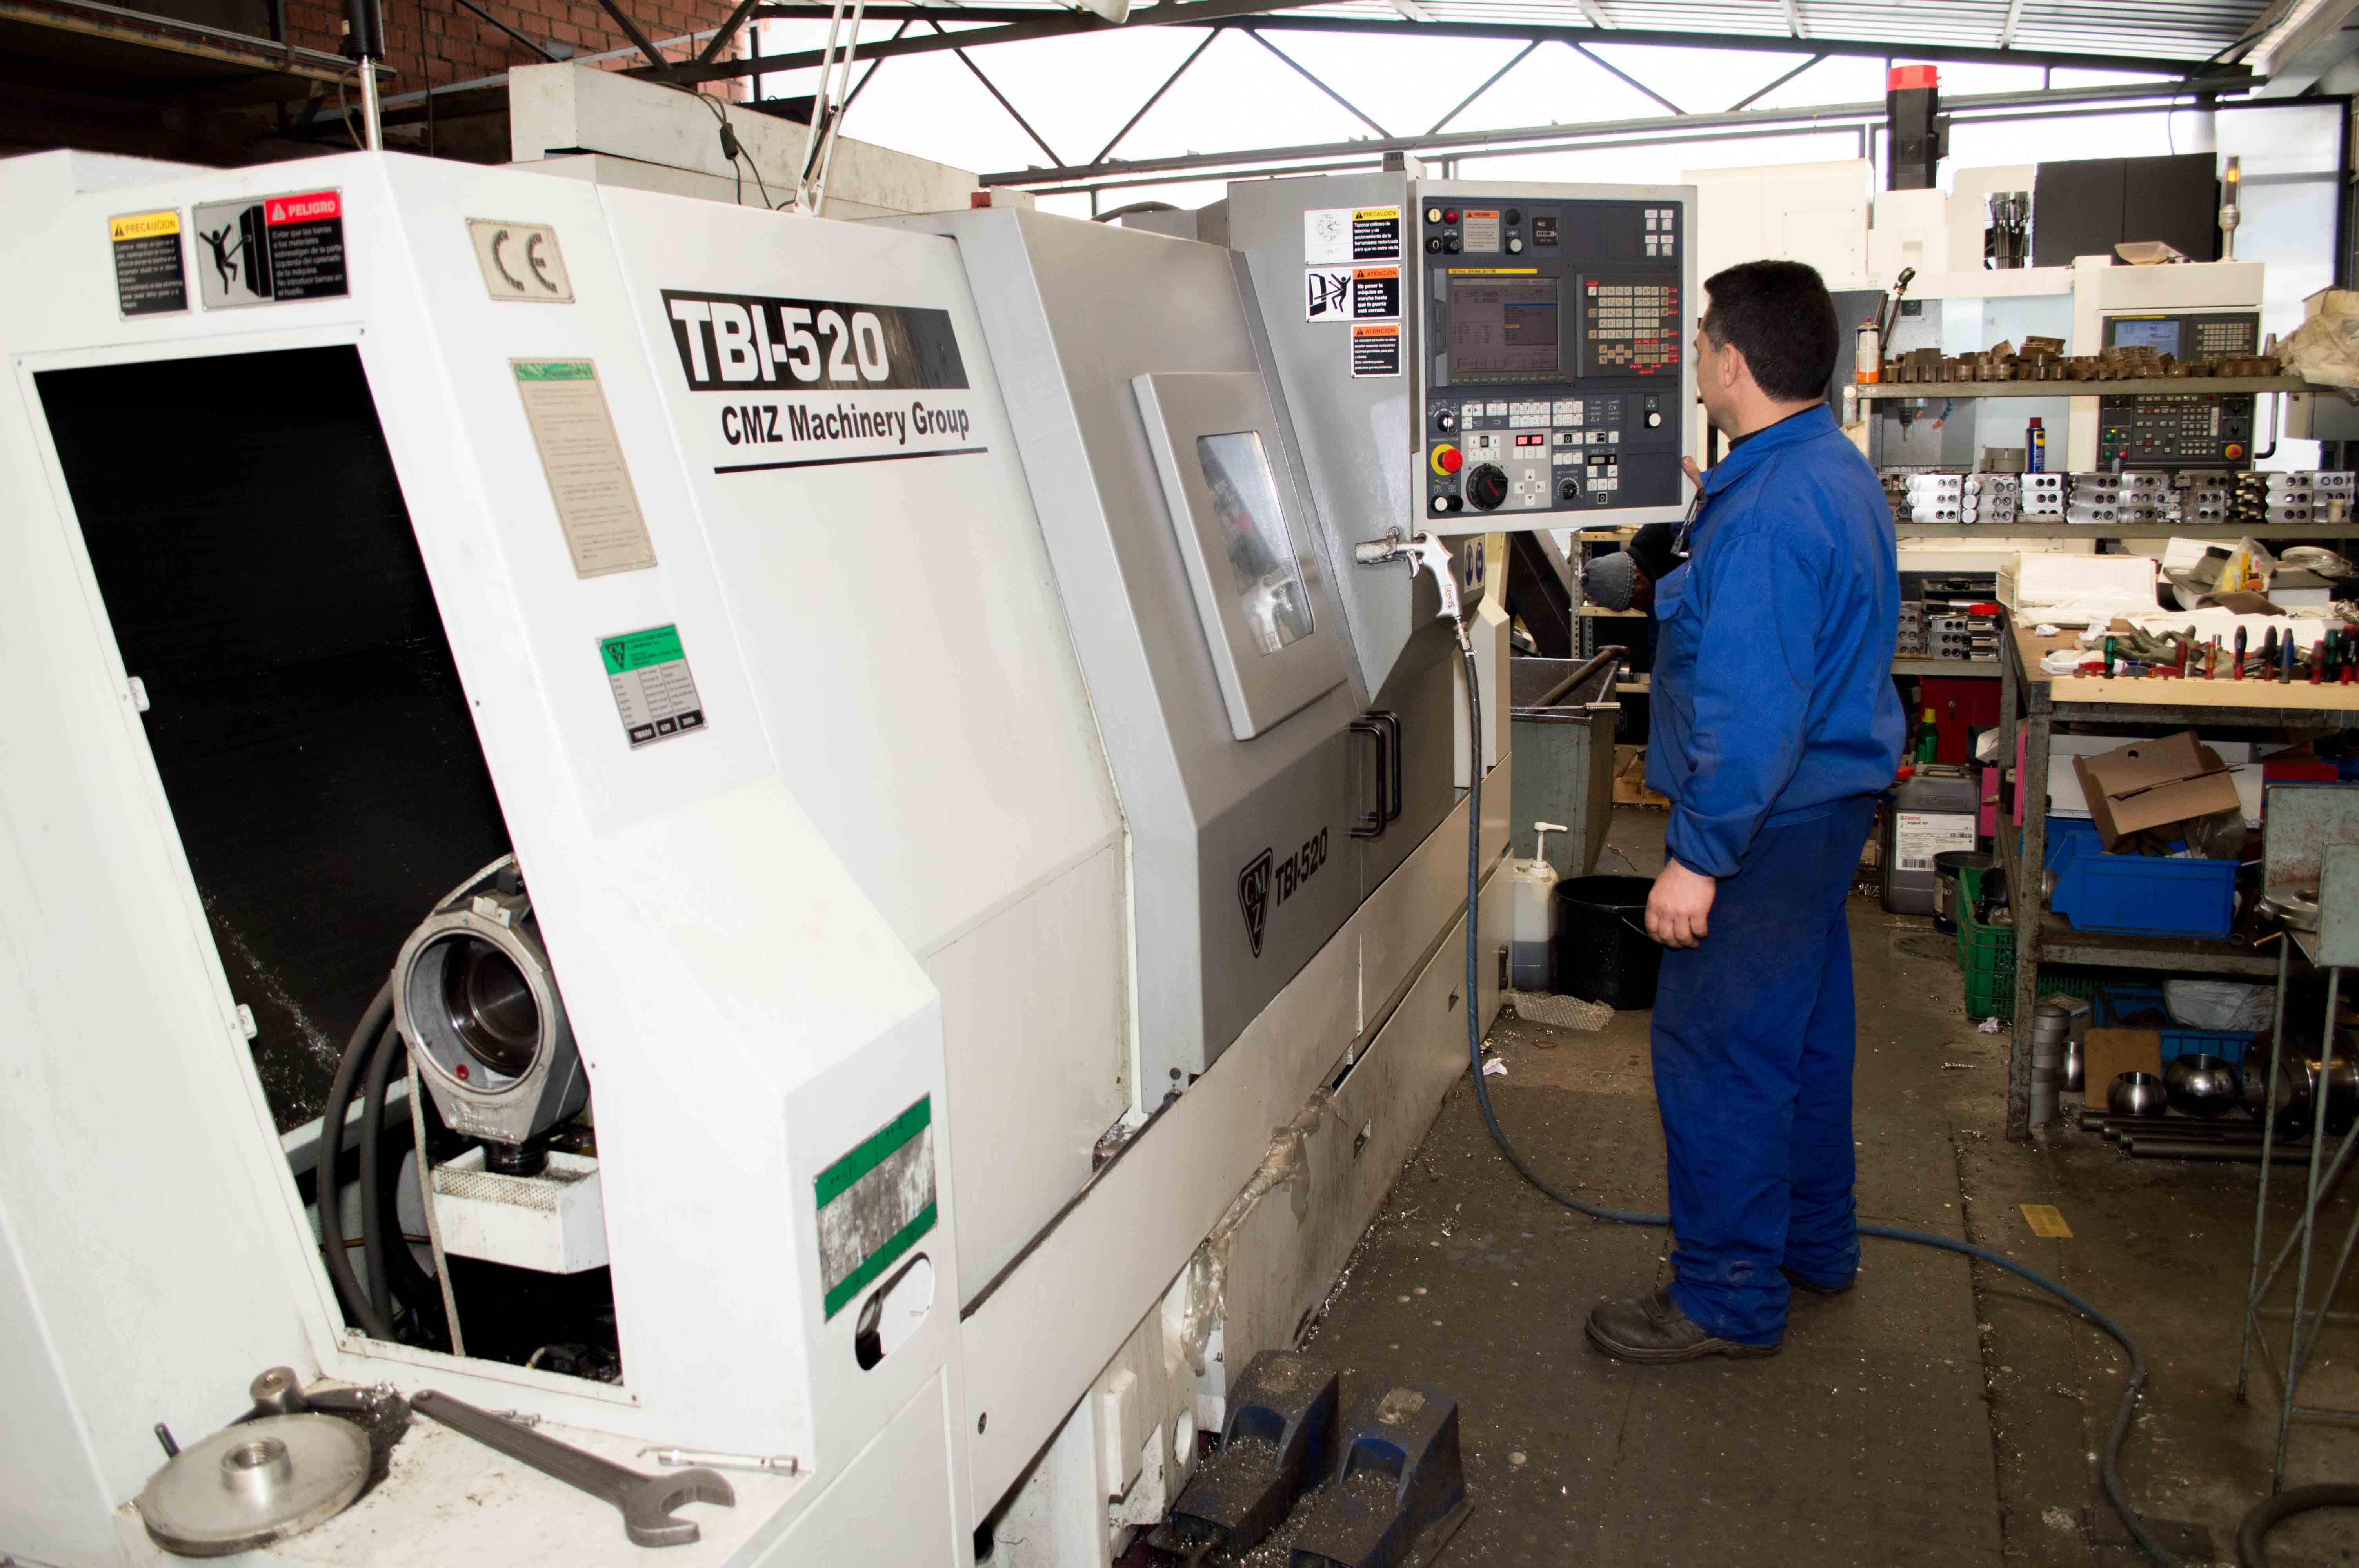 Ventajas de las máquinas CNC